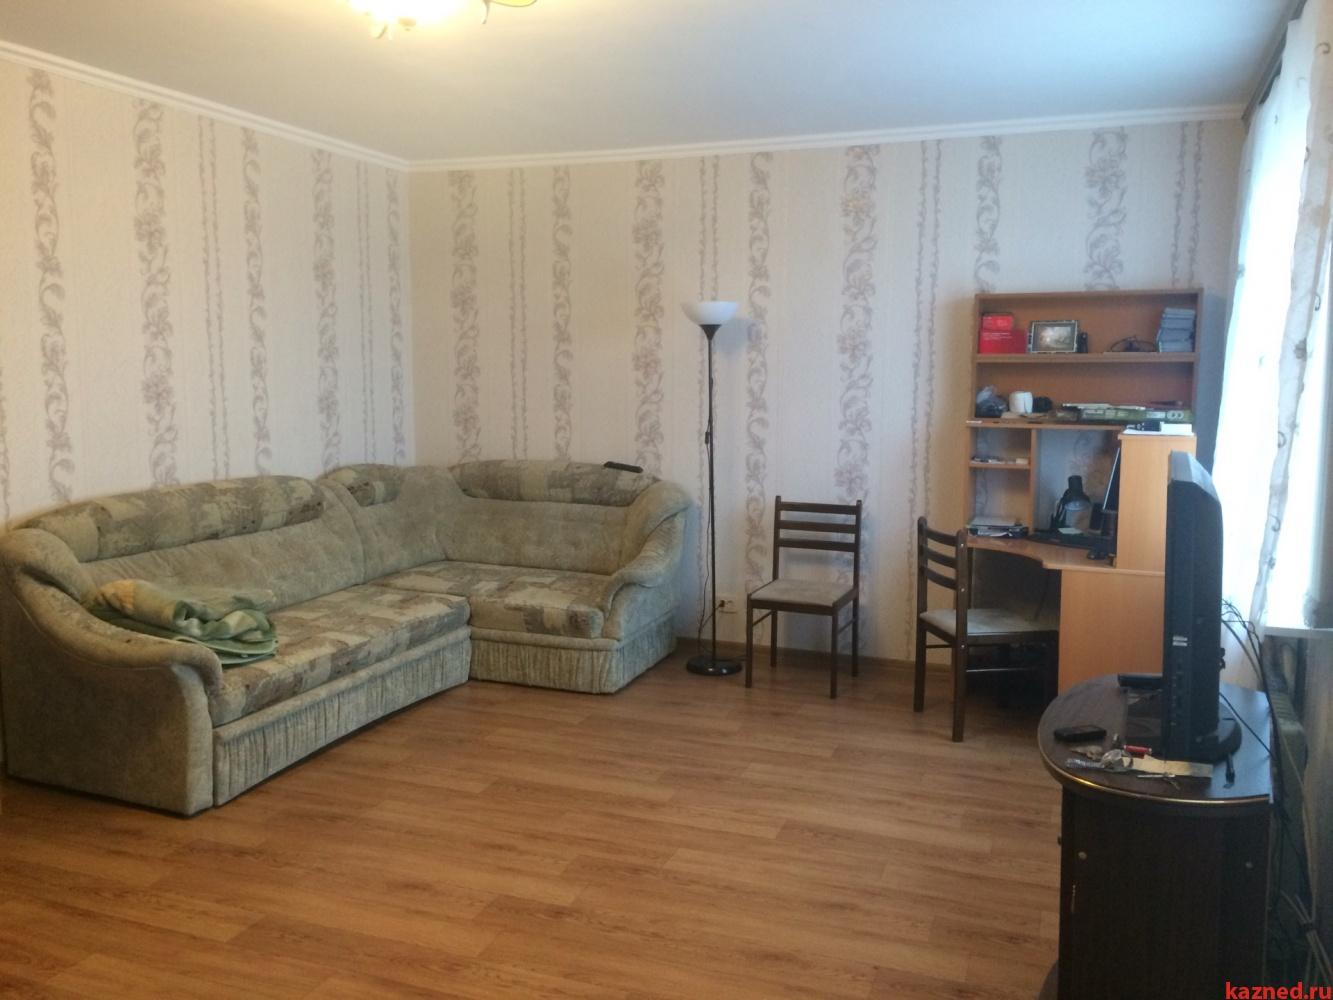 Продажа 2-к квартиры Проспект Победы,158, 73 м² (миниатюра №2)